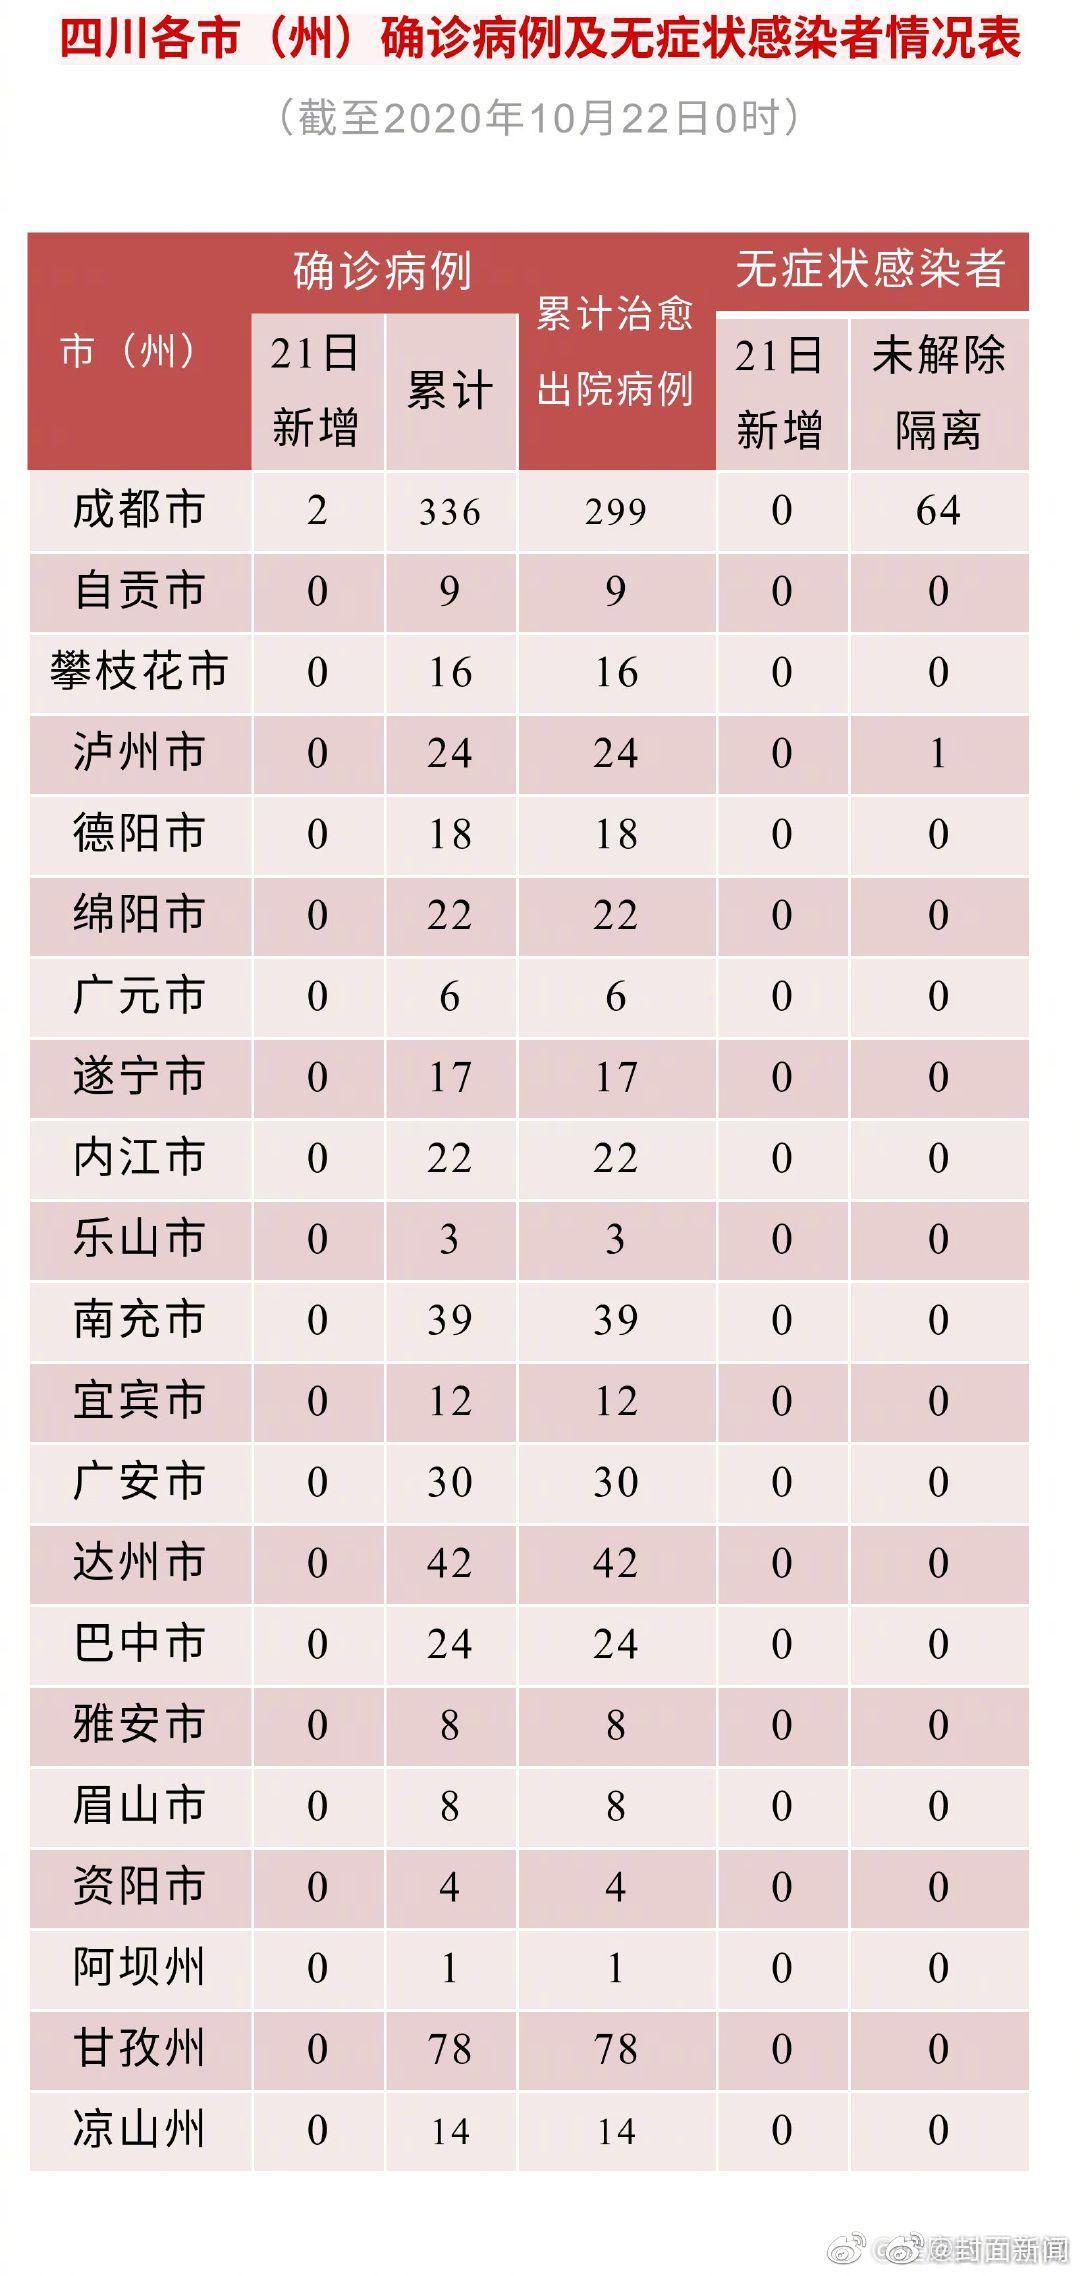 四川新增2例确诊病例 均为境外输入